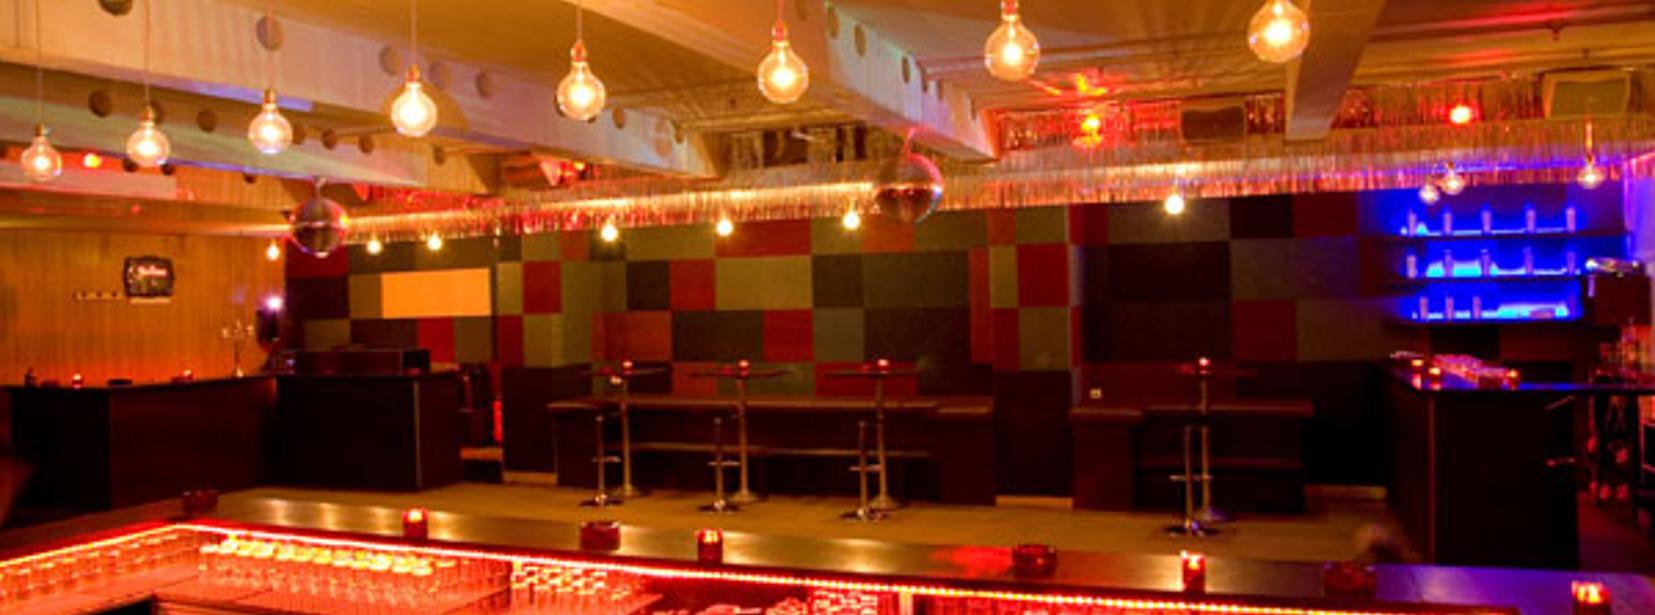 089 bar munchen flirten Gaststätten u. Restaurants Isarvorstadt, Glockenbach, Gärtnerplatz, Schlachthof auf